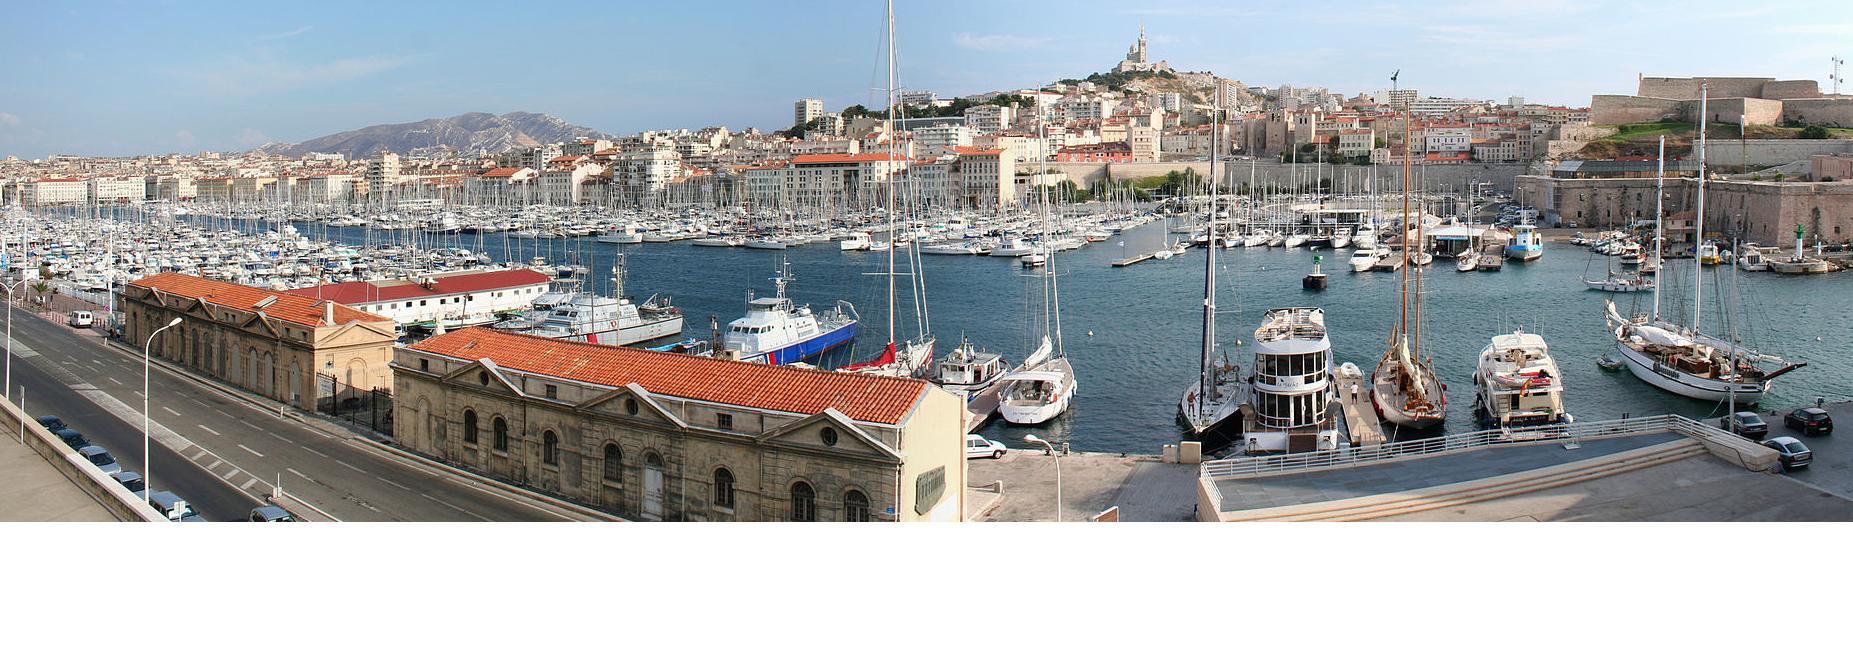 Réunion le 18 juin 2018 à 16h30 au 8 cours jean Ballard, 13001 Marseille, 2em étage : Gestion des plans d'eau: Gaudin sonne le glas de la «plaisance populaire»  Marseille n'est pas à vendre! Arrêtons l'exclusion par le prix!